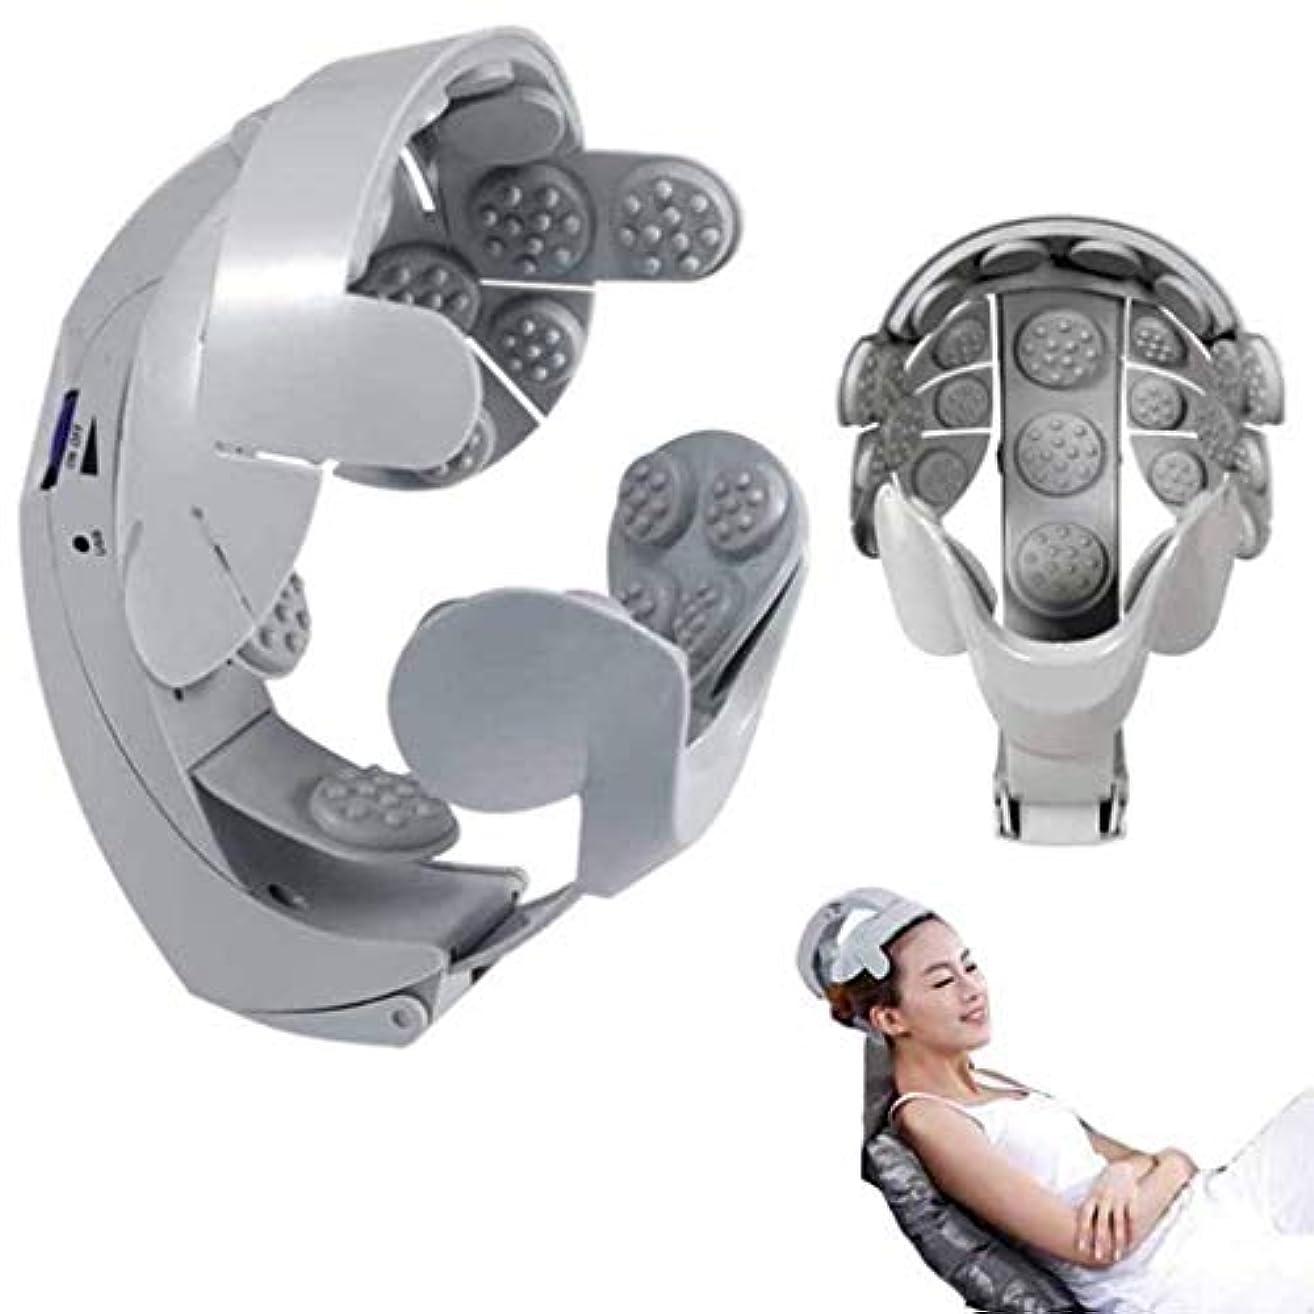 ドットサッカーコンプライアンス電気ヘッドマッサージャー、8調整可能なヘルメット頭皮鍼治療のポイント、ユーザーフレンドリーなデザイン、脳マッサージは簡単です